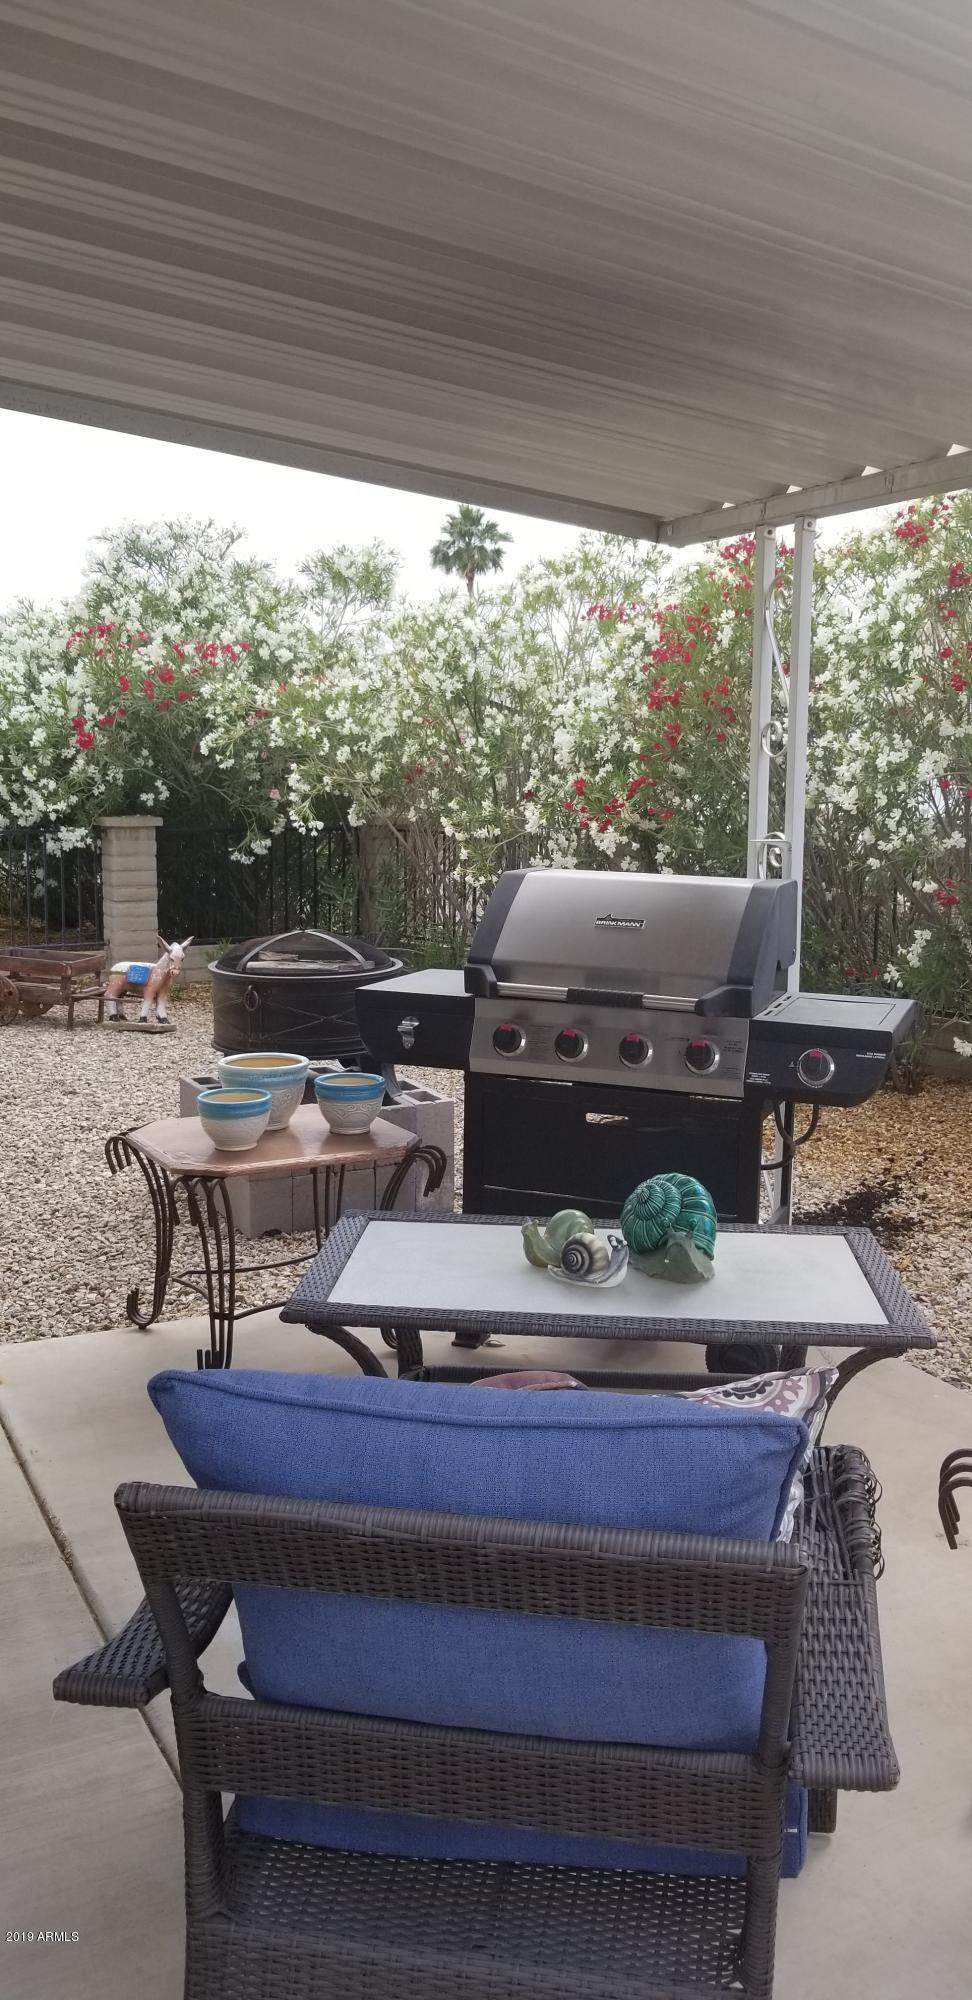 MLS 5929666 3355 S CORTEZ Road Unit LOT 86, Apache Junction, AZ 85119 Apache Junction AZ Affordable